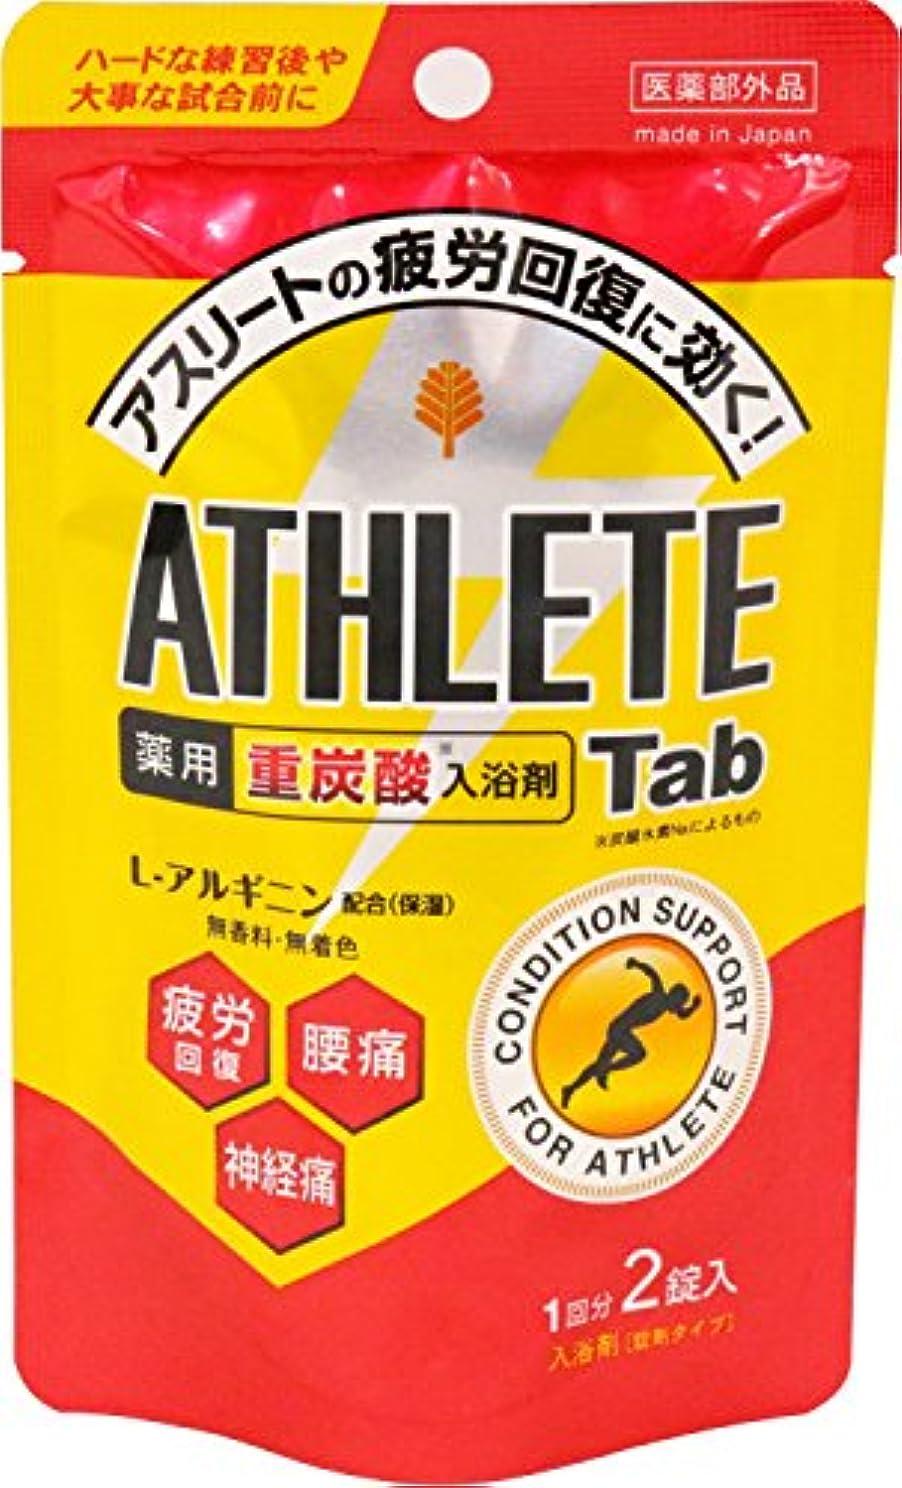 チャペルシャットクリエイティブ紀陽除虫菊 薬用 アスリートタブ 1回分 入浴剤 2錠